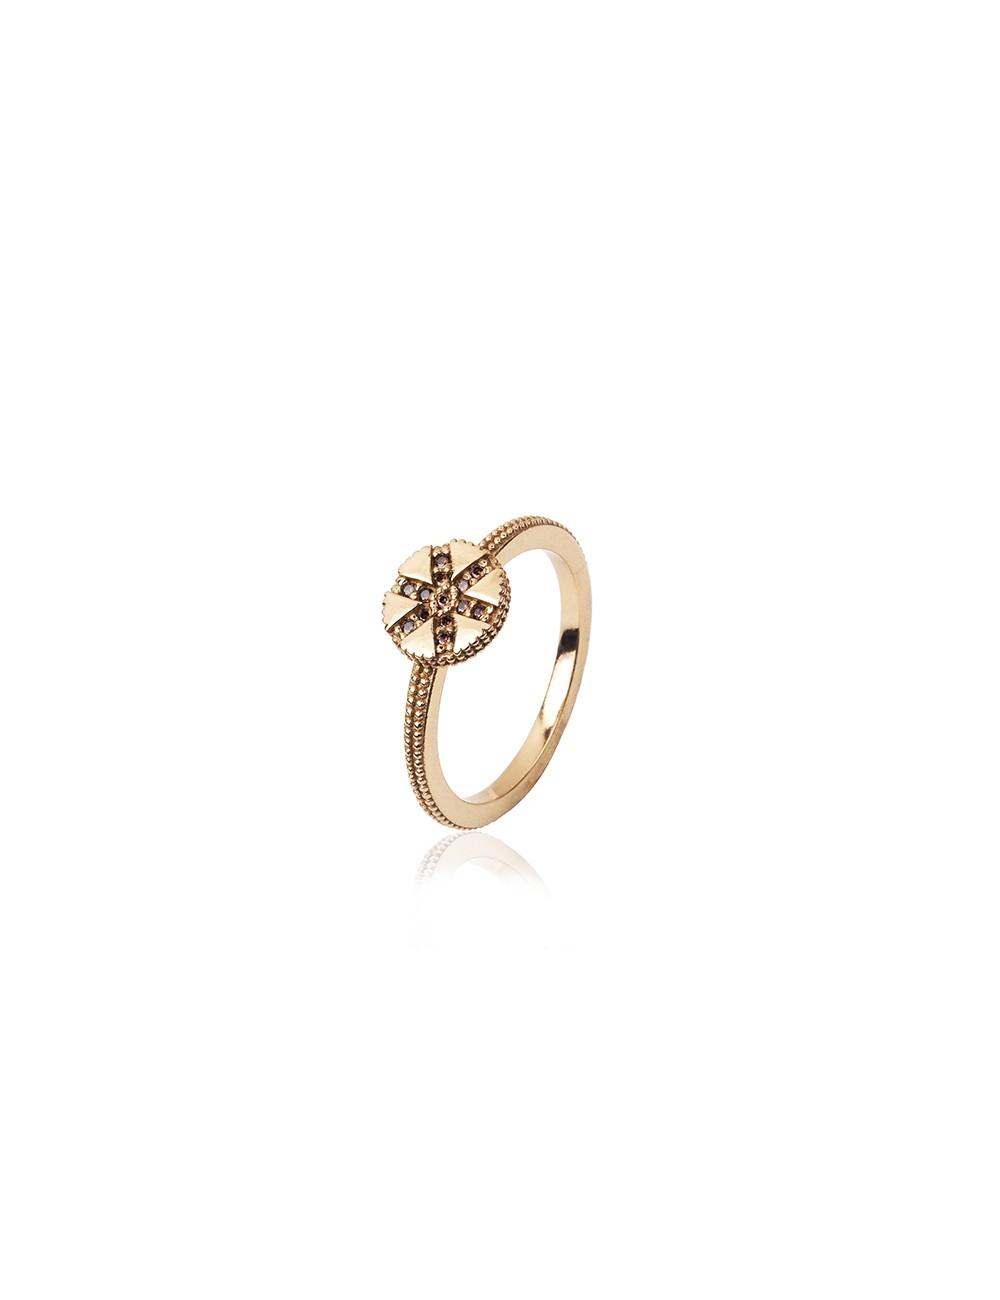 Sunfield -Anillo Sunfield plata baño oro rosa y circonitas -AN062333/2/12